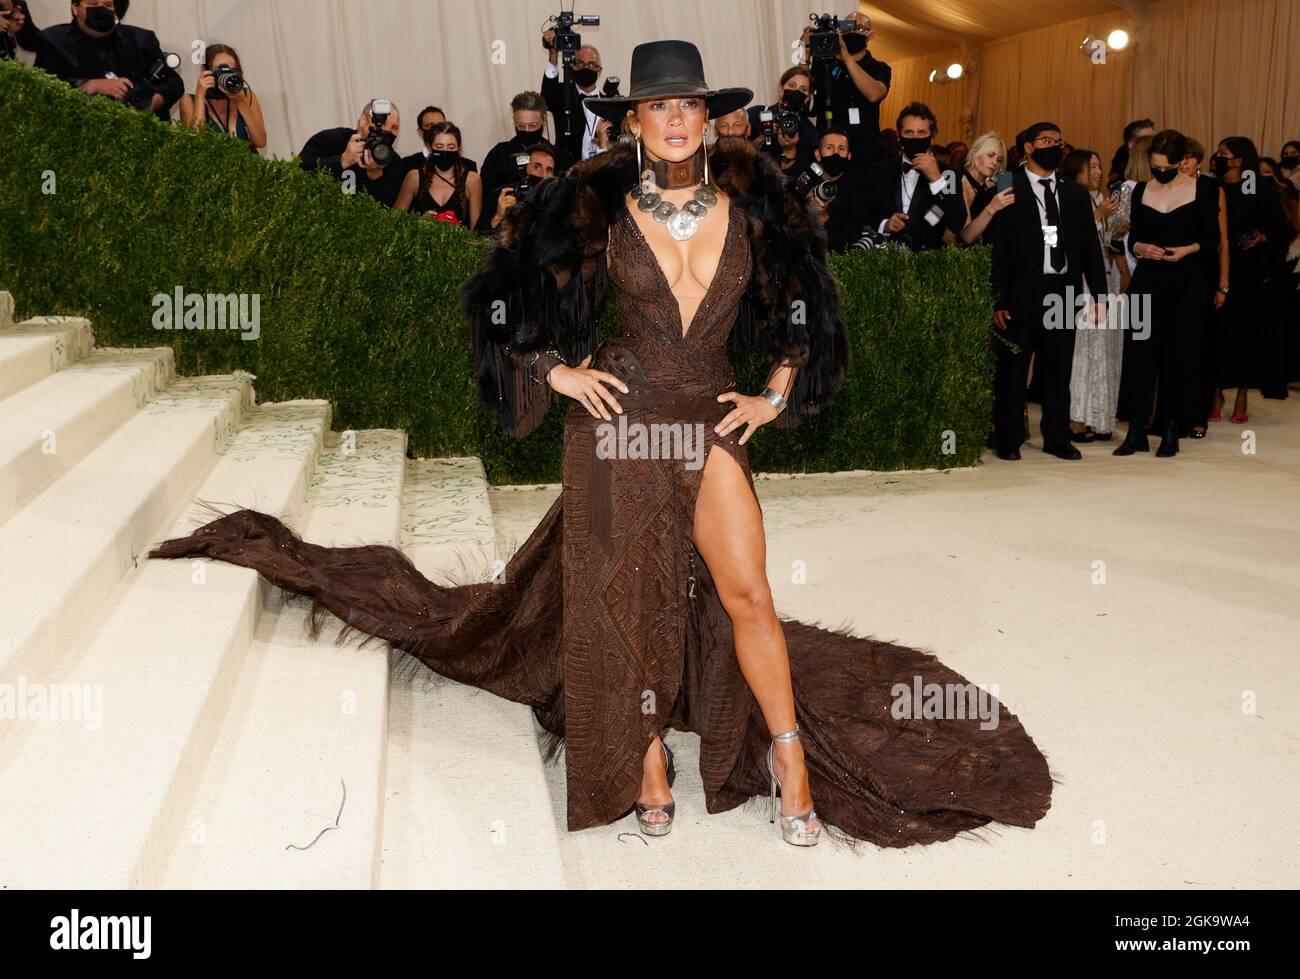 New York, Usa. September 2021. Jennifer Lopez kommt zur Met Gala im Metropolitan Museum of Art, um die Eröffnung von in America: A Lexicon of Fashion in New York City am Montag, den 13. September 2021, zu feiern. Foto von John Angelillo/UPI Credit: UPI/Alamy Live News Stockfoto